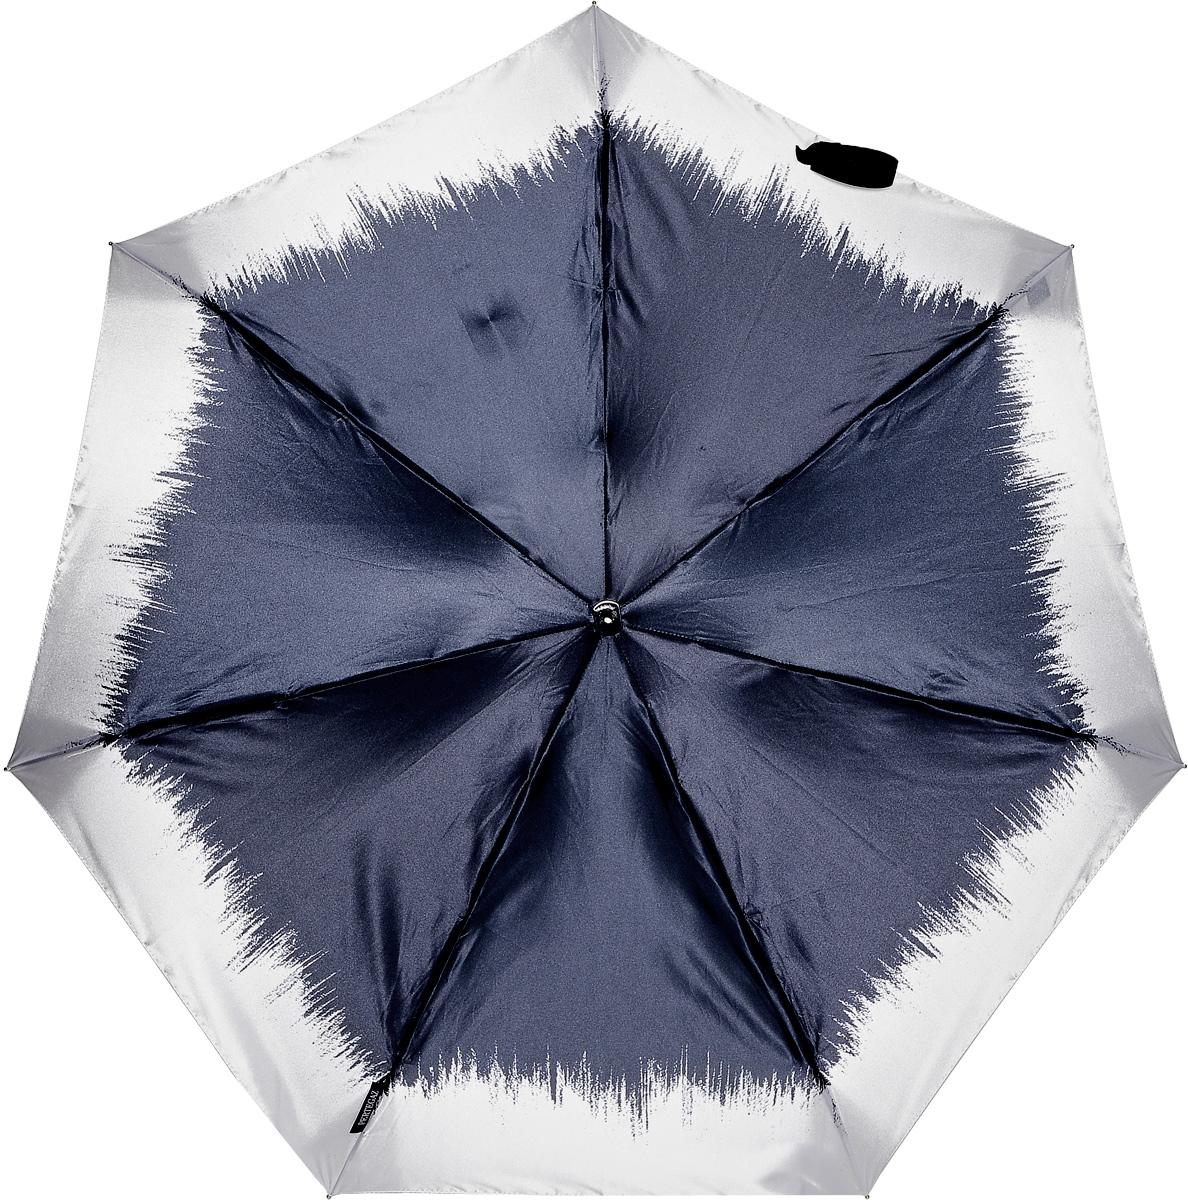 PERTEGAZ 85141-1 Зонт полный автом. 4 сл. жен.85141-1Зонт испанского производителя Clima. В производстве зонтов используются современные материалы, что делает зонты легкими, но в то же время крепкими. Полный автомат, 4 сложения, 7 спиц, полиэстер.